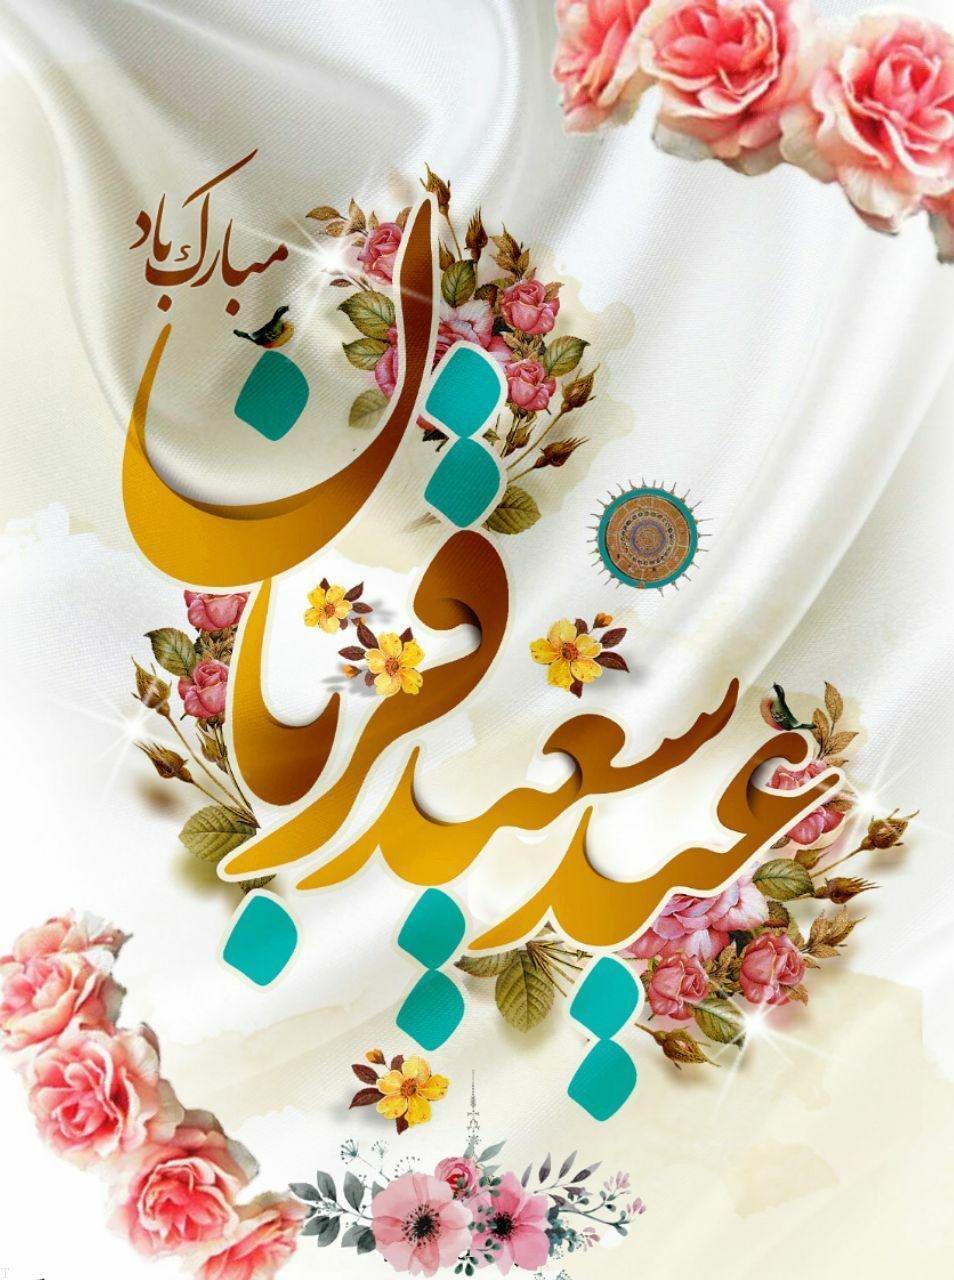 اس ام اس تبریک عید قربان 1398 | متن زیبا در مورد عید قربان 98